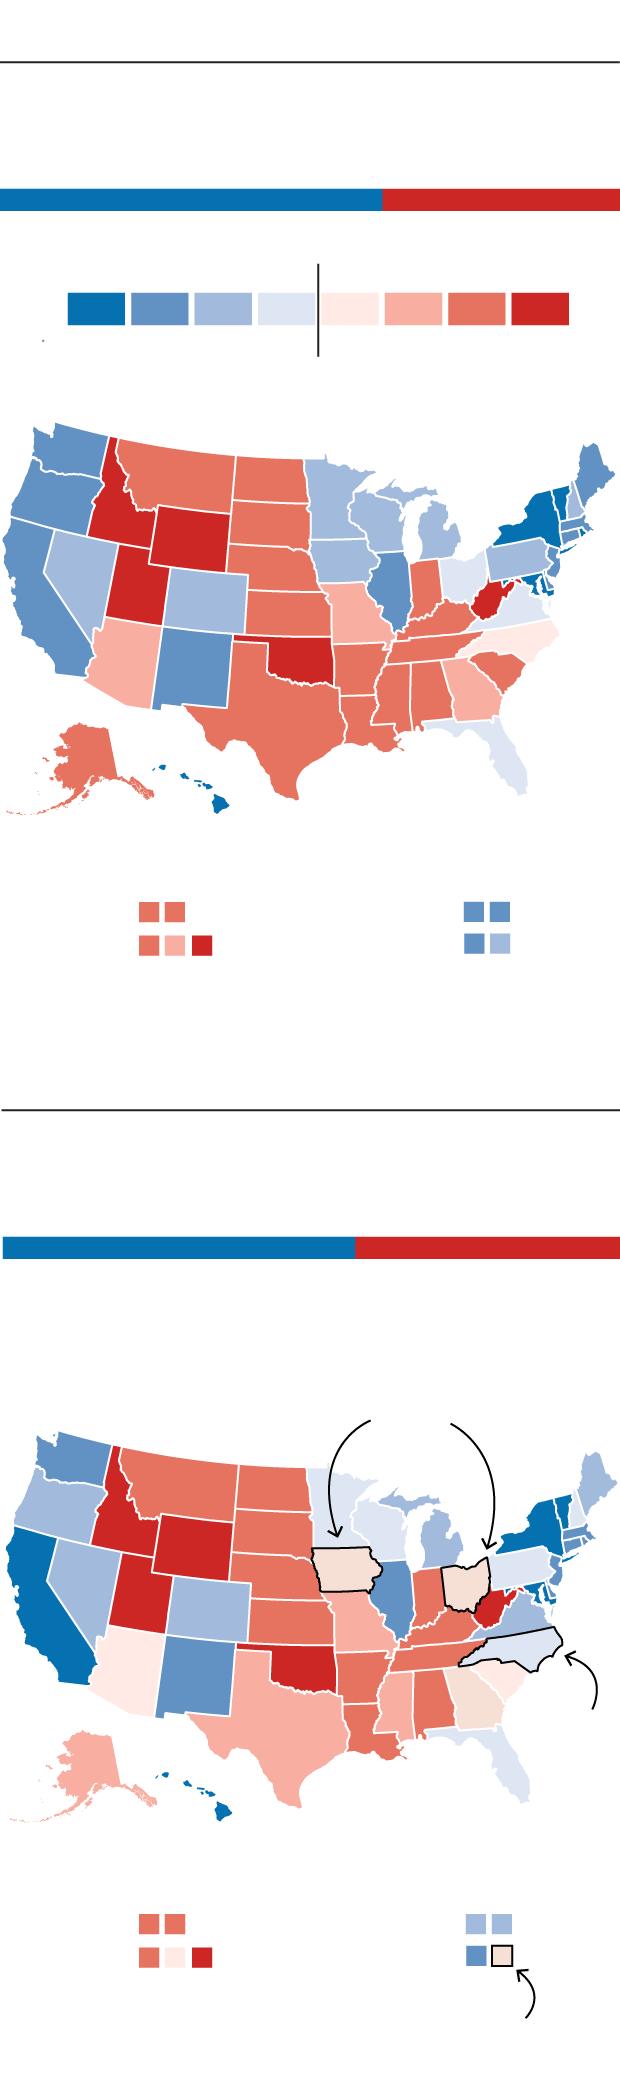 2012 Results Electoral Votes